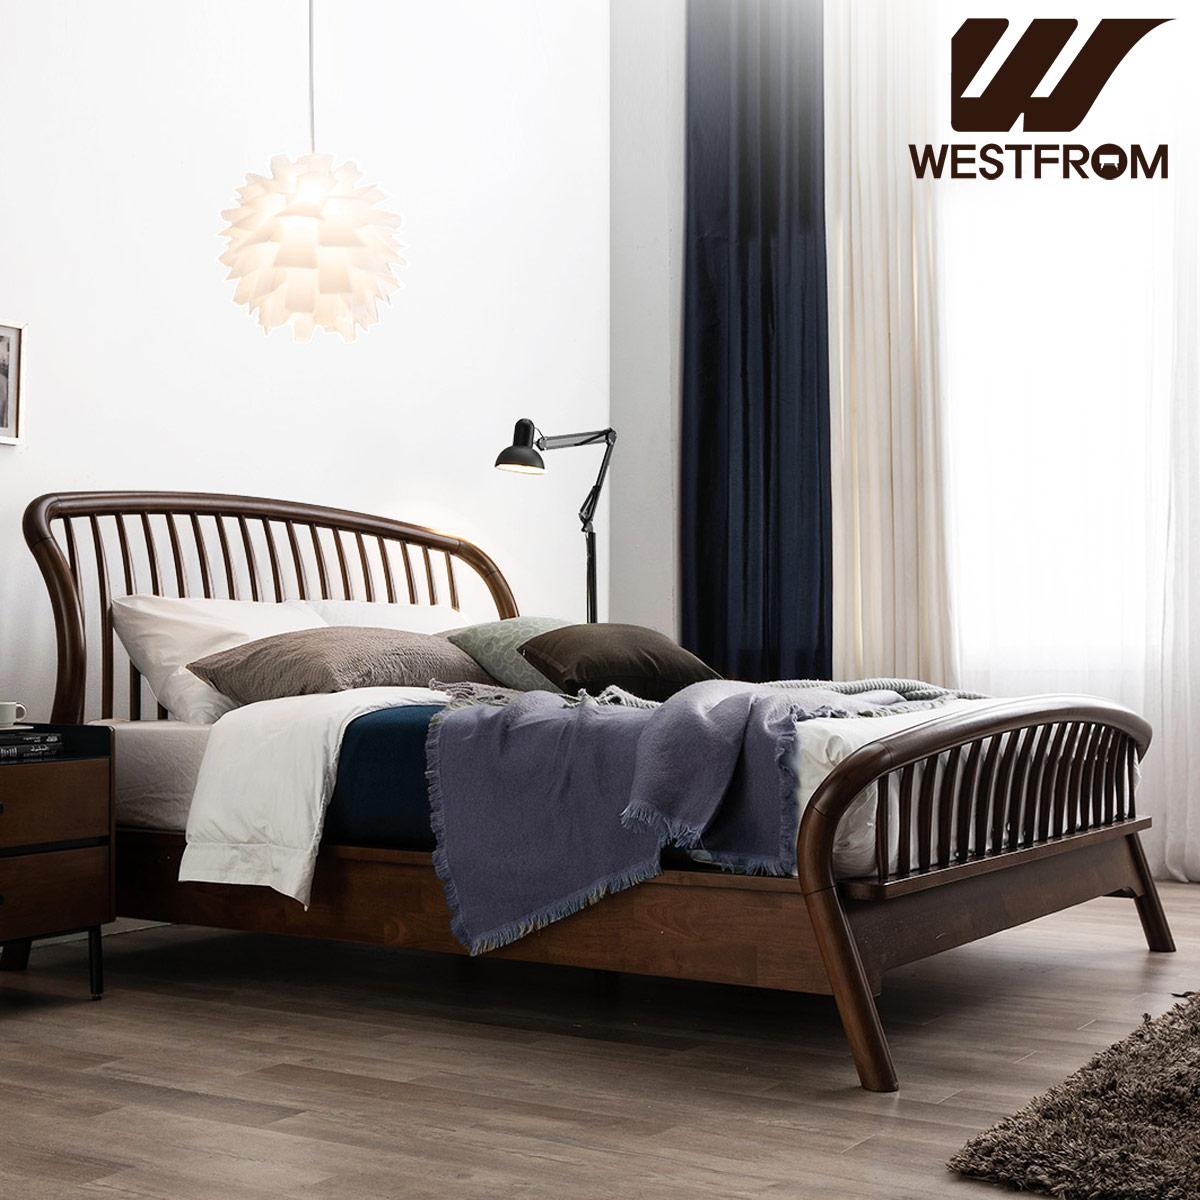 [웨스트프롬] 빈티지 두오모) 원목 평상형 침대(퀸) / 텐더 호수 매트리스 / 전국착불